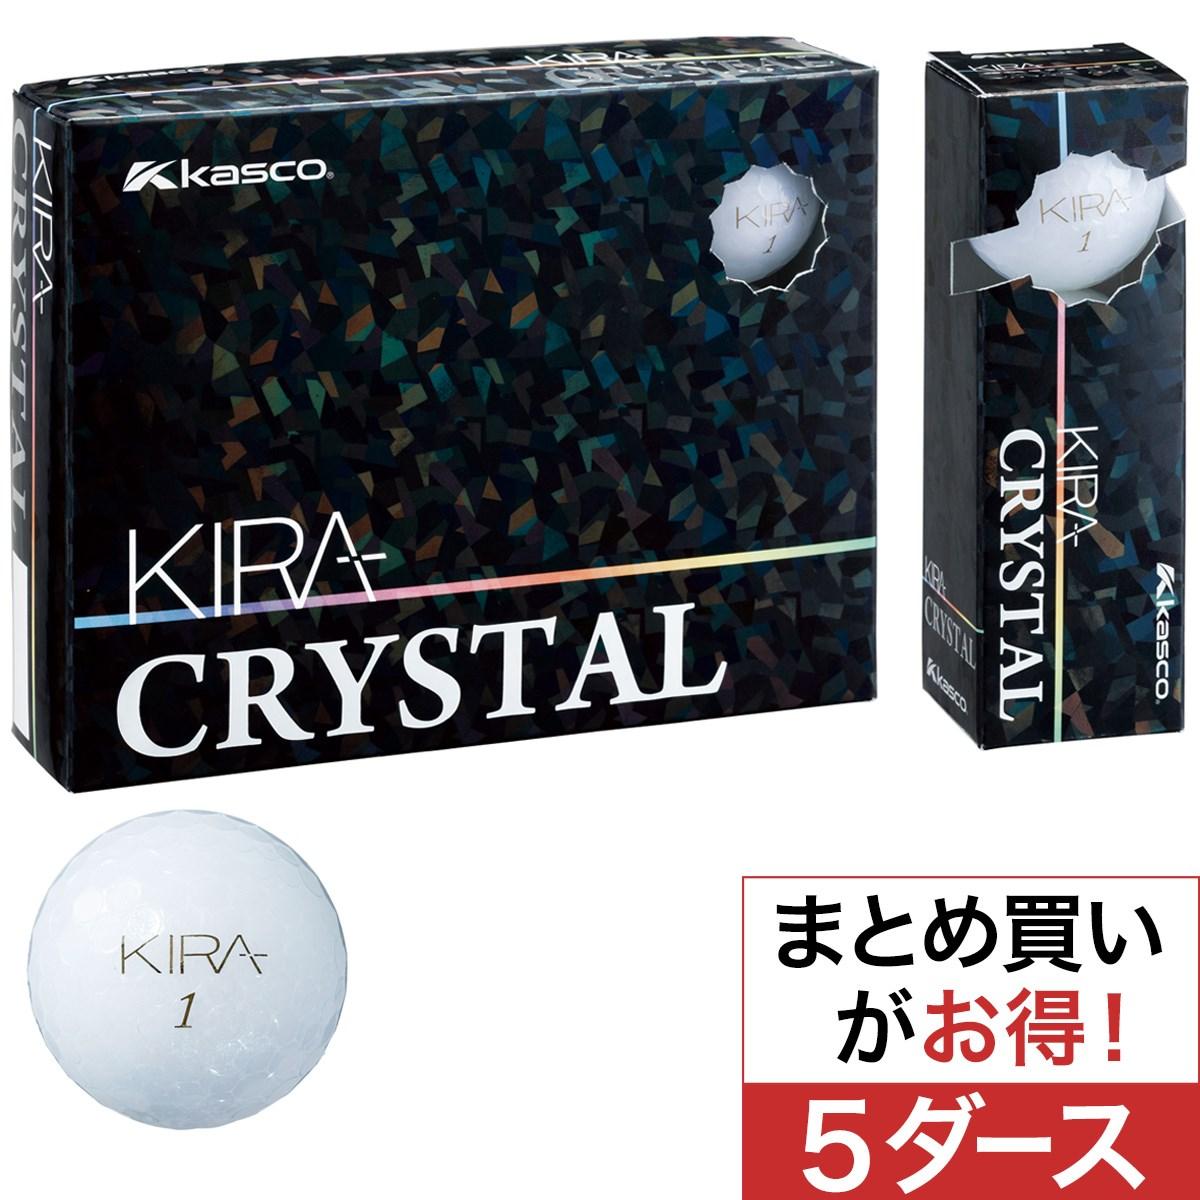 キャスコ(KASCO) KIRA CRYSTAL ボール 5ダースセット